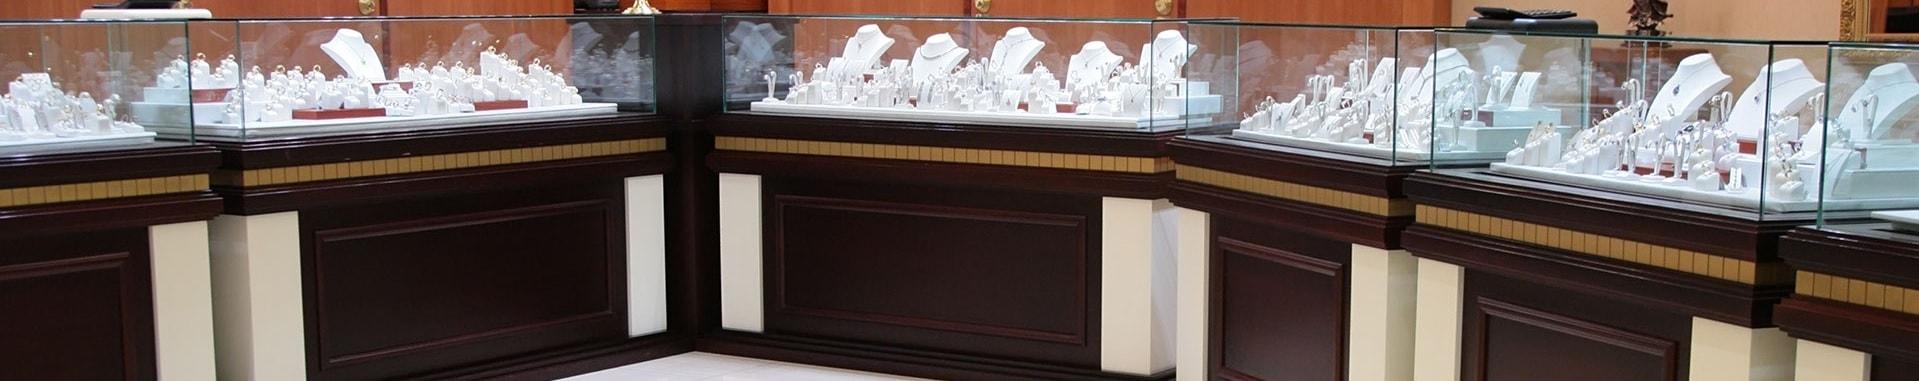 חנות תכשיטים תל אביב